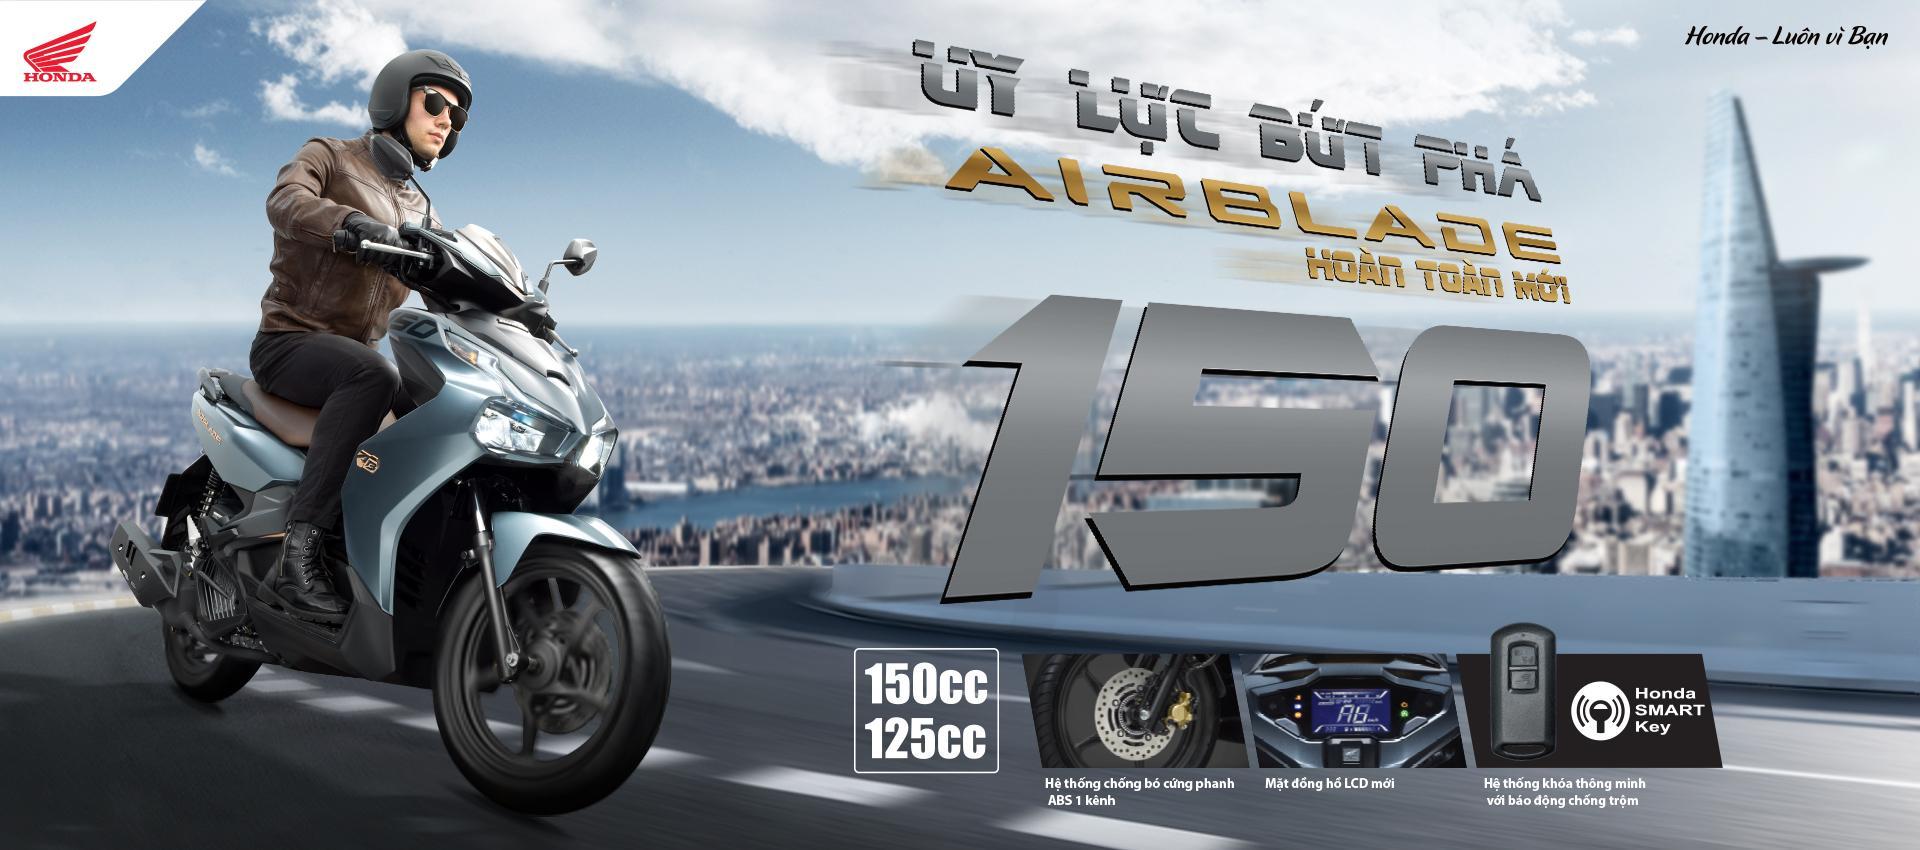 Air Blade mới có 2 phiên bản động cơ 125 phân khối và 150 phân khối